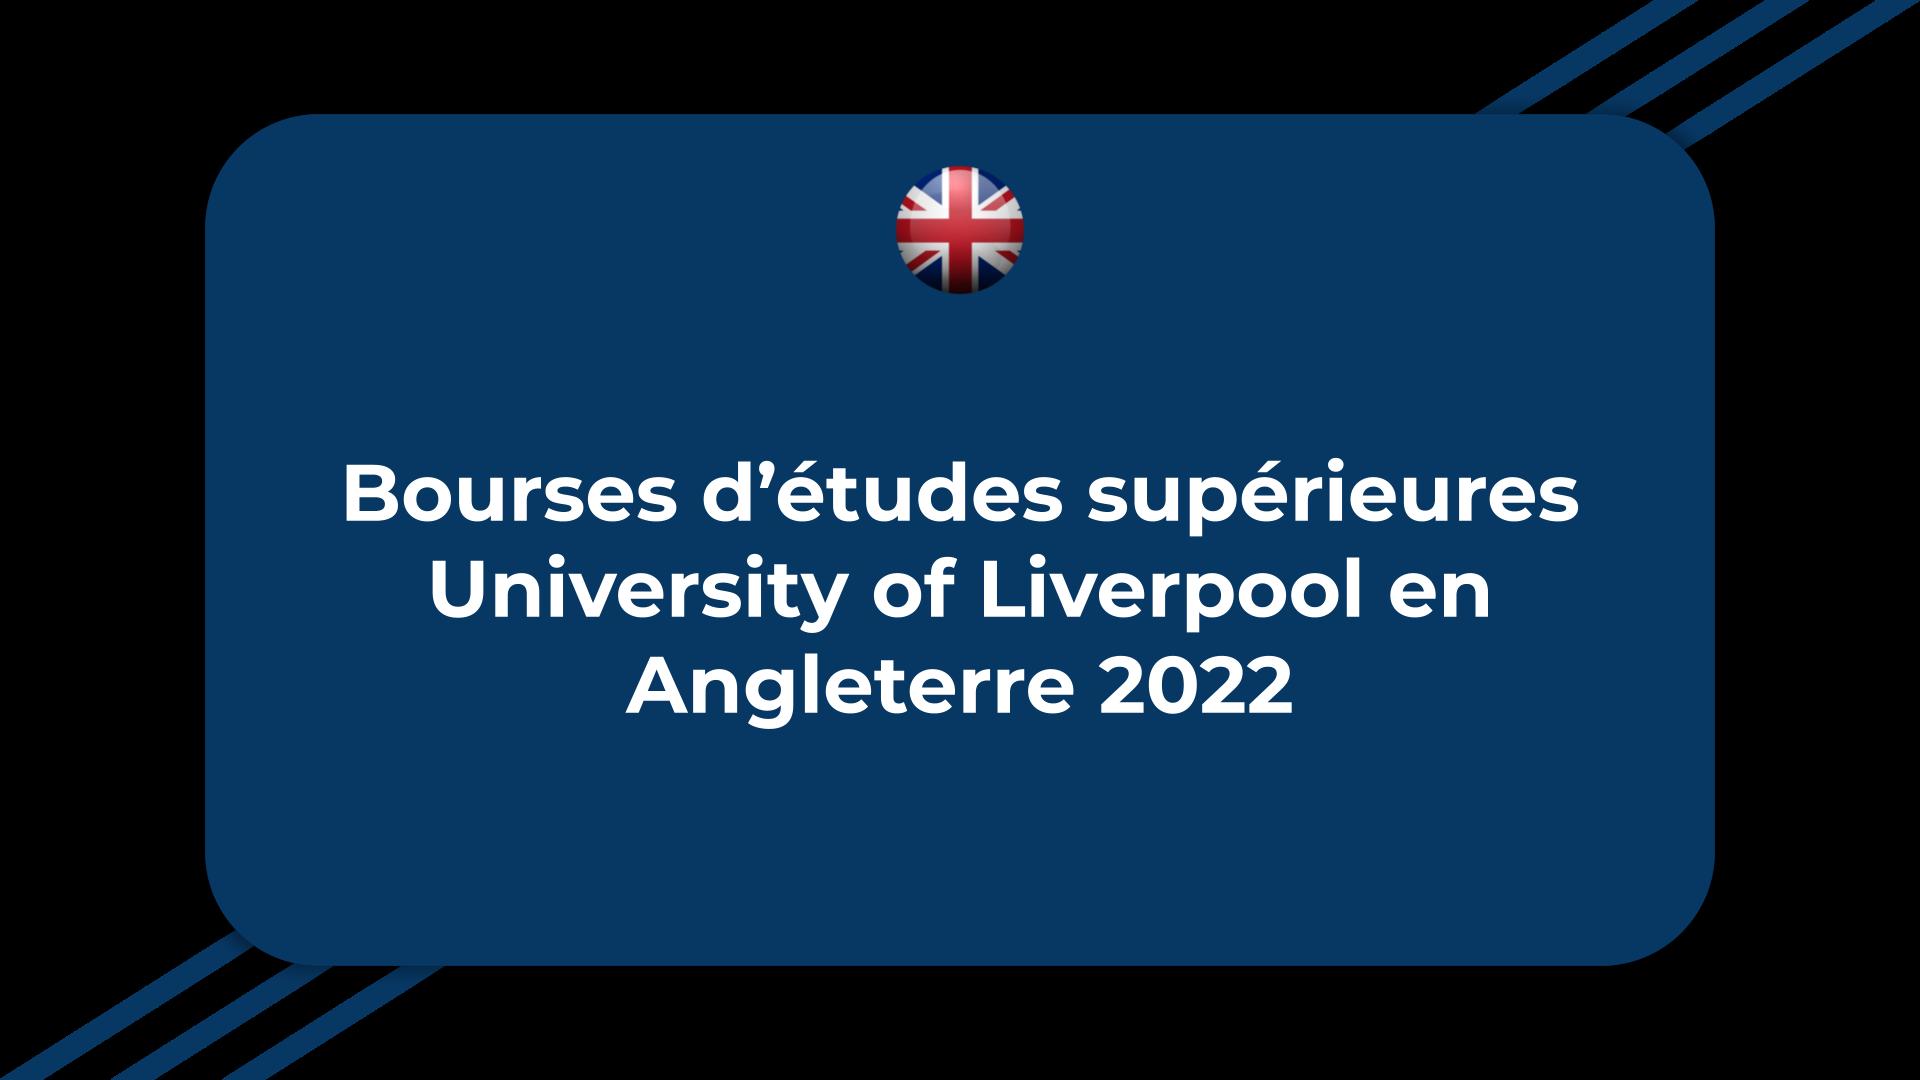 Bourses d'études supérieures University of Liverpool